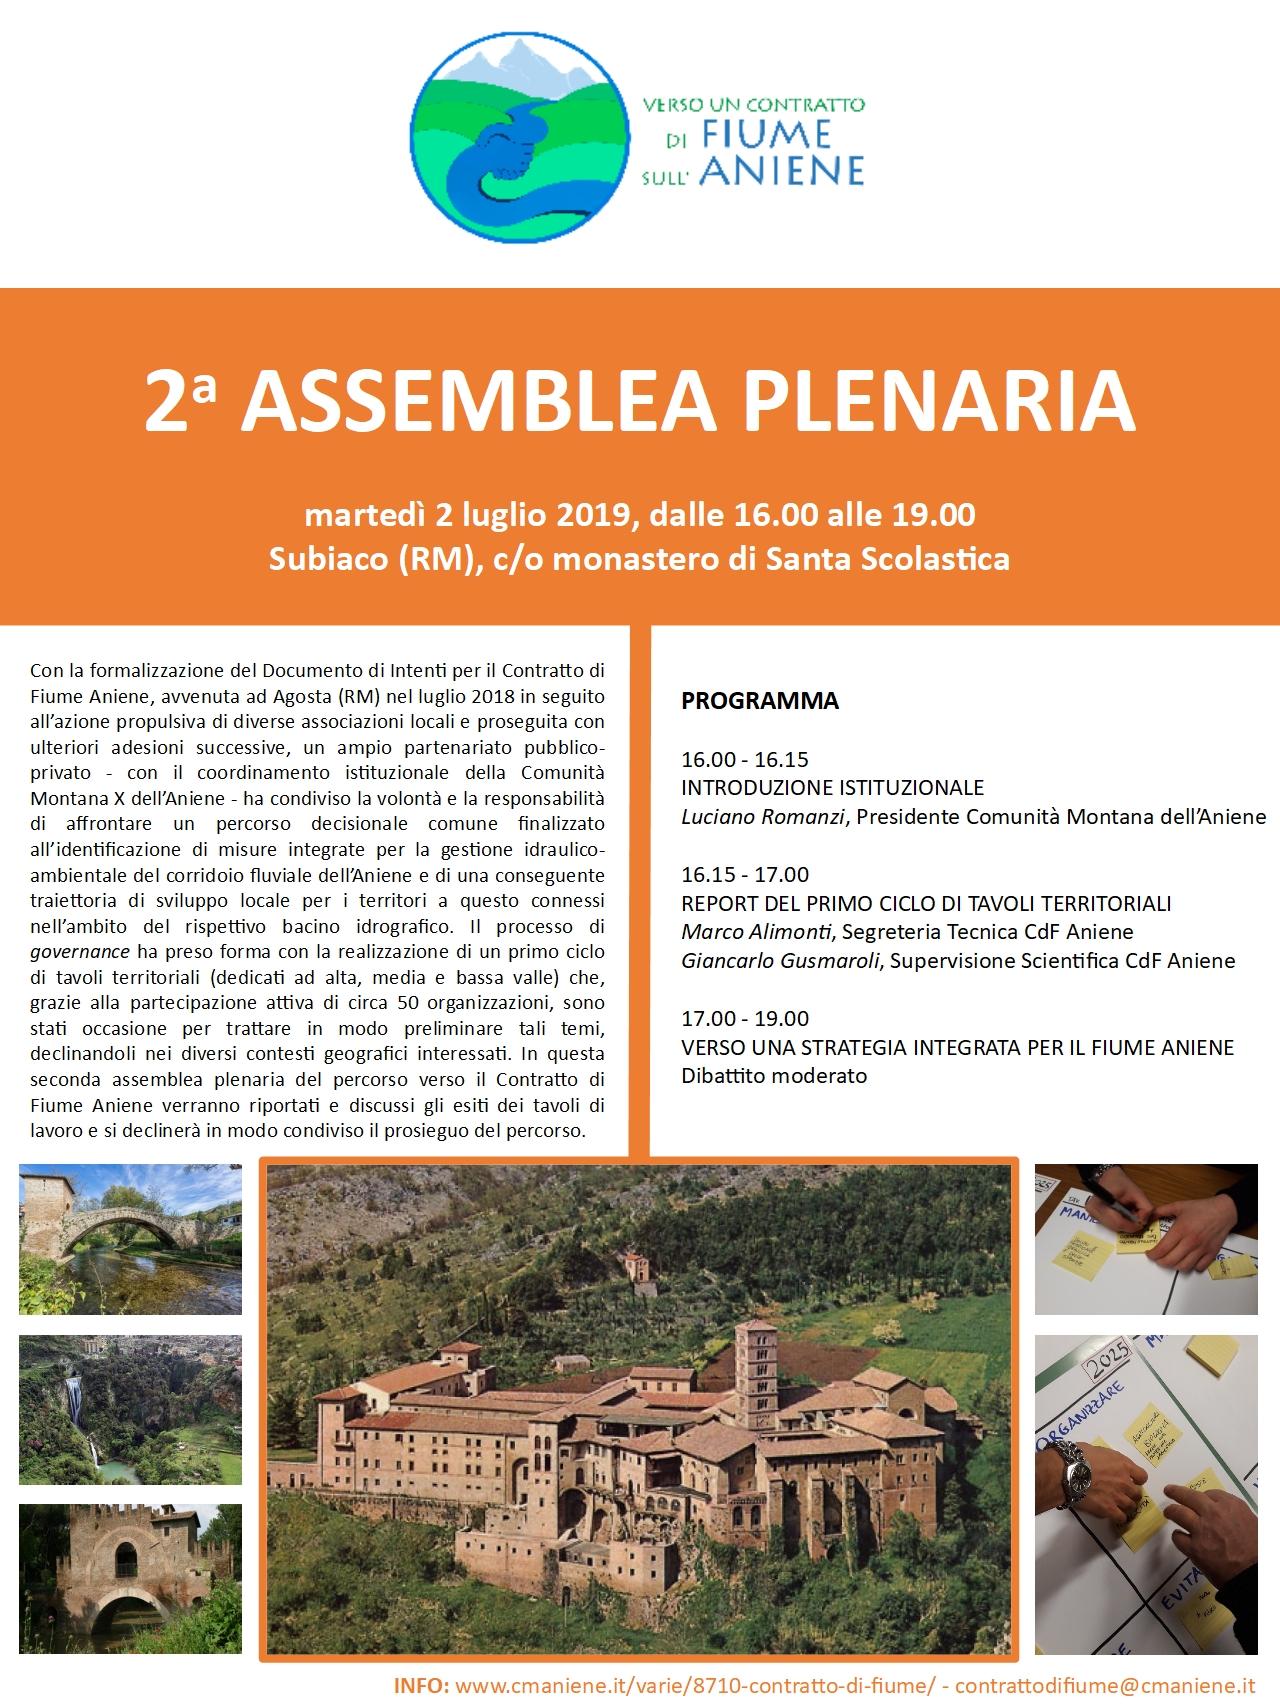 Martedì 2 Luglio presso il Monastero di S. Scolastica a Subiaco 2° Assemblea plenaria sul Contratto di fiume